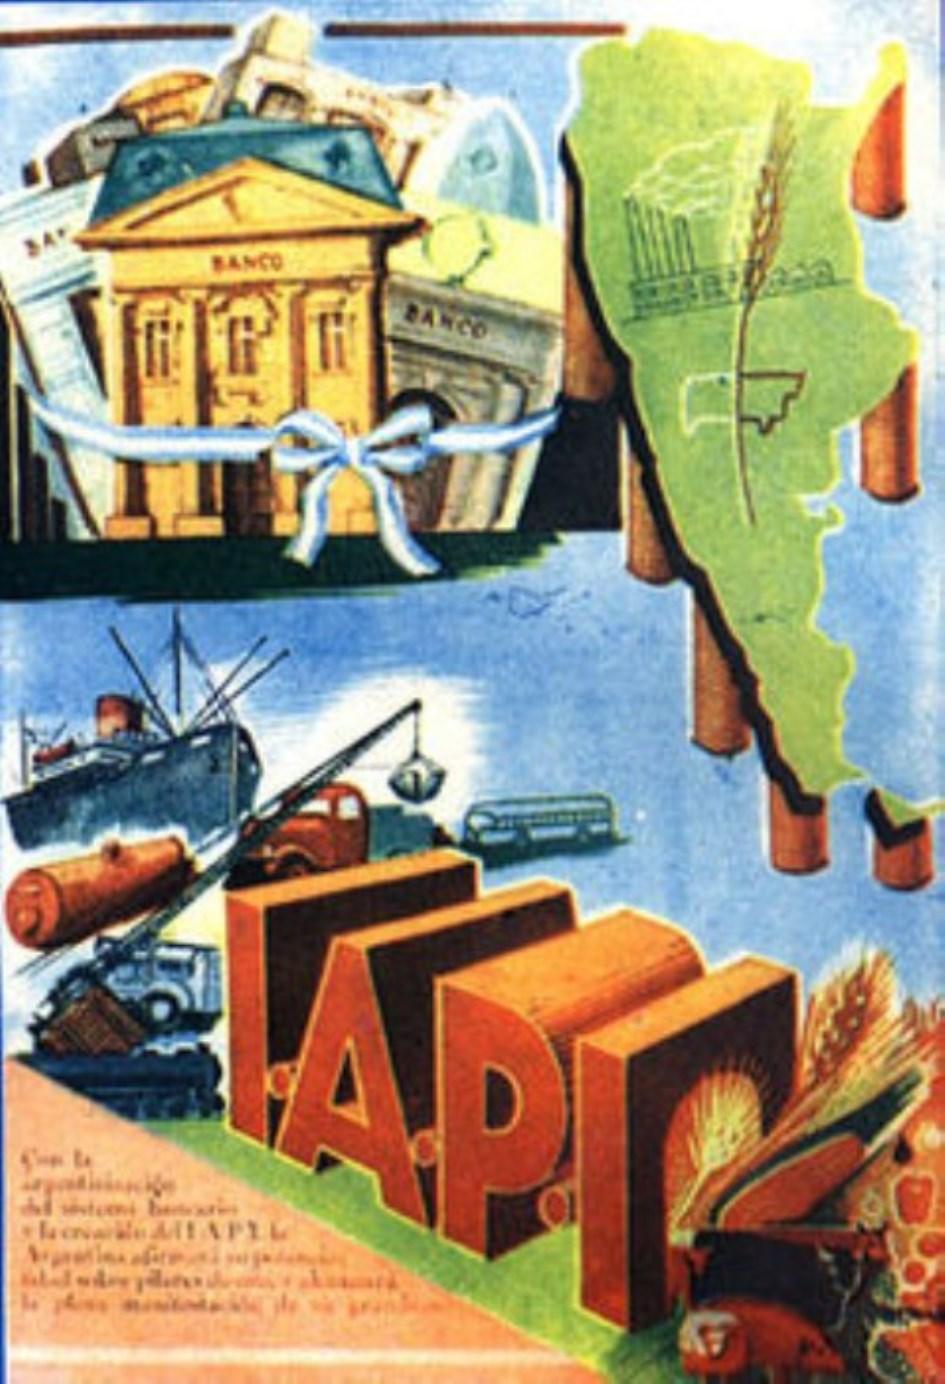 www.laprensa.com.ar